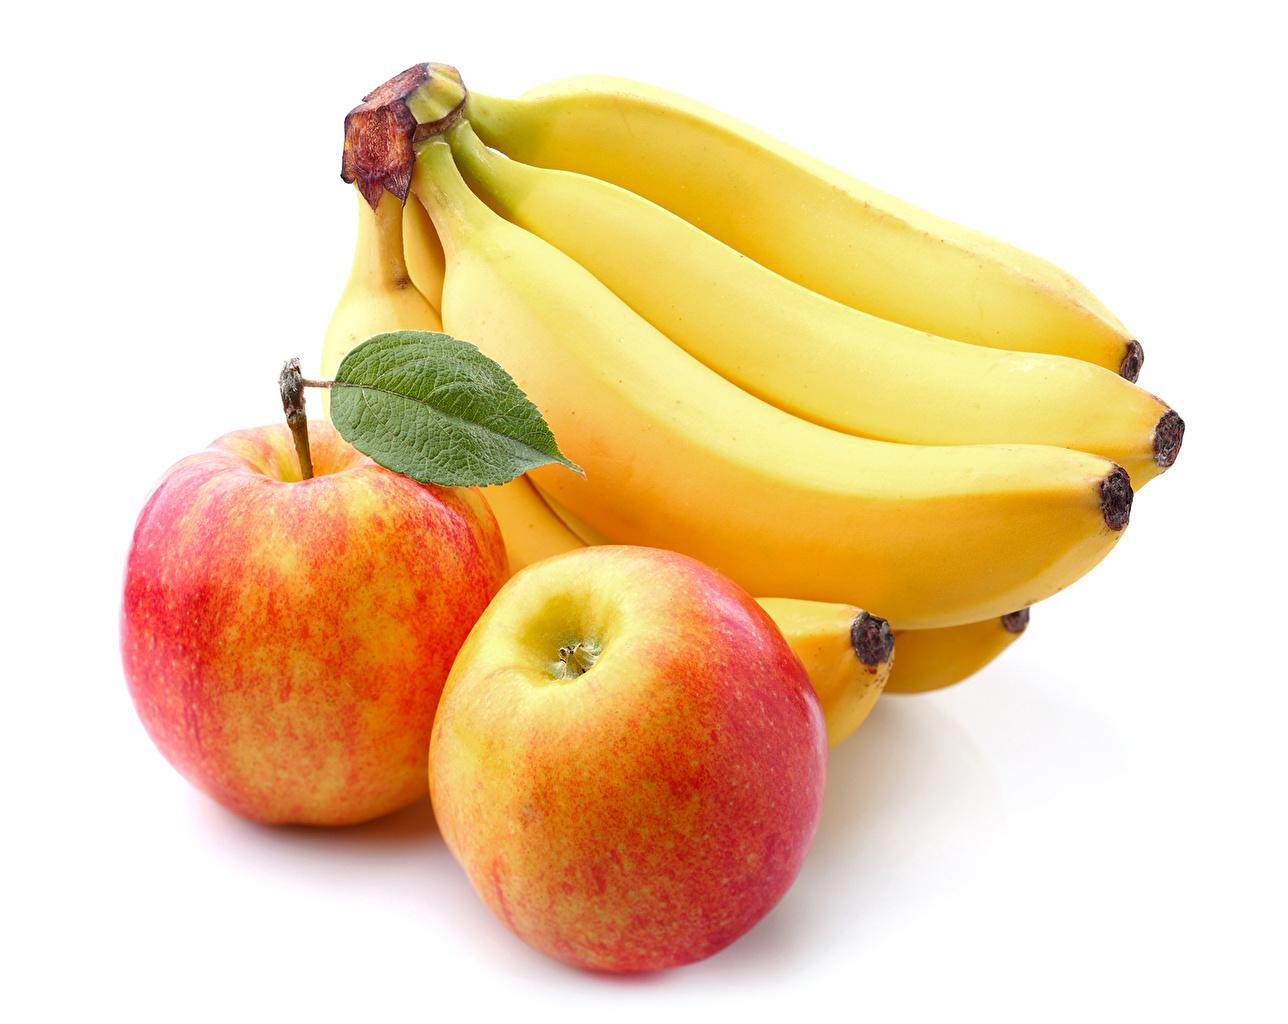 Обои для рабочего стола Яблоки Бананы Еда вблизи белом фоне Пища Продукты питания Белый фон белым фоном Крупным планом